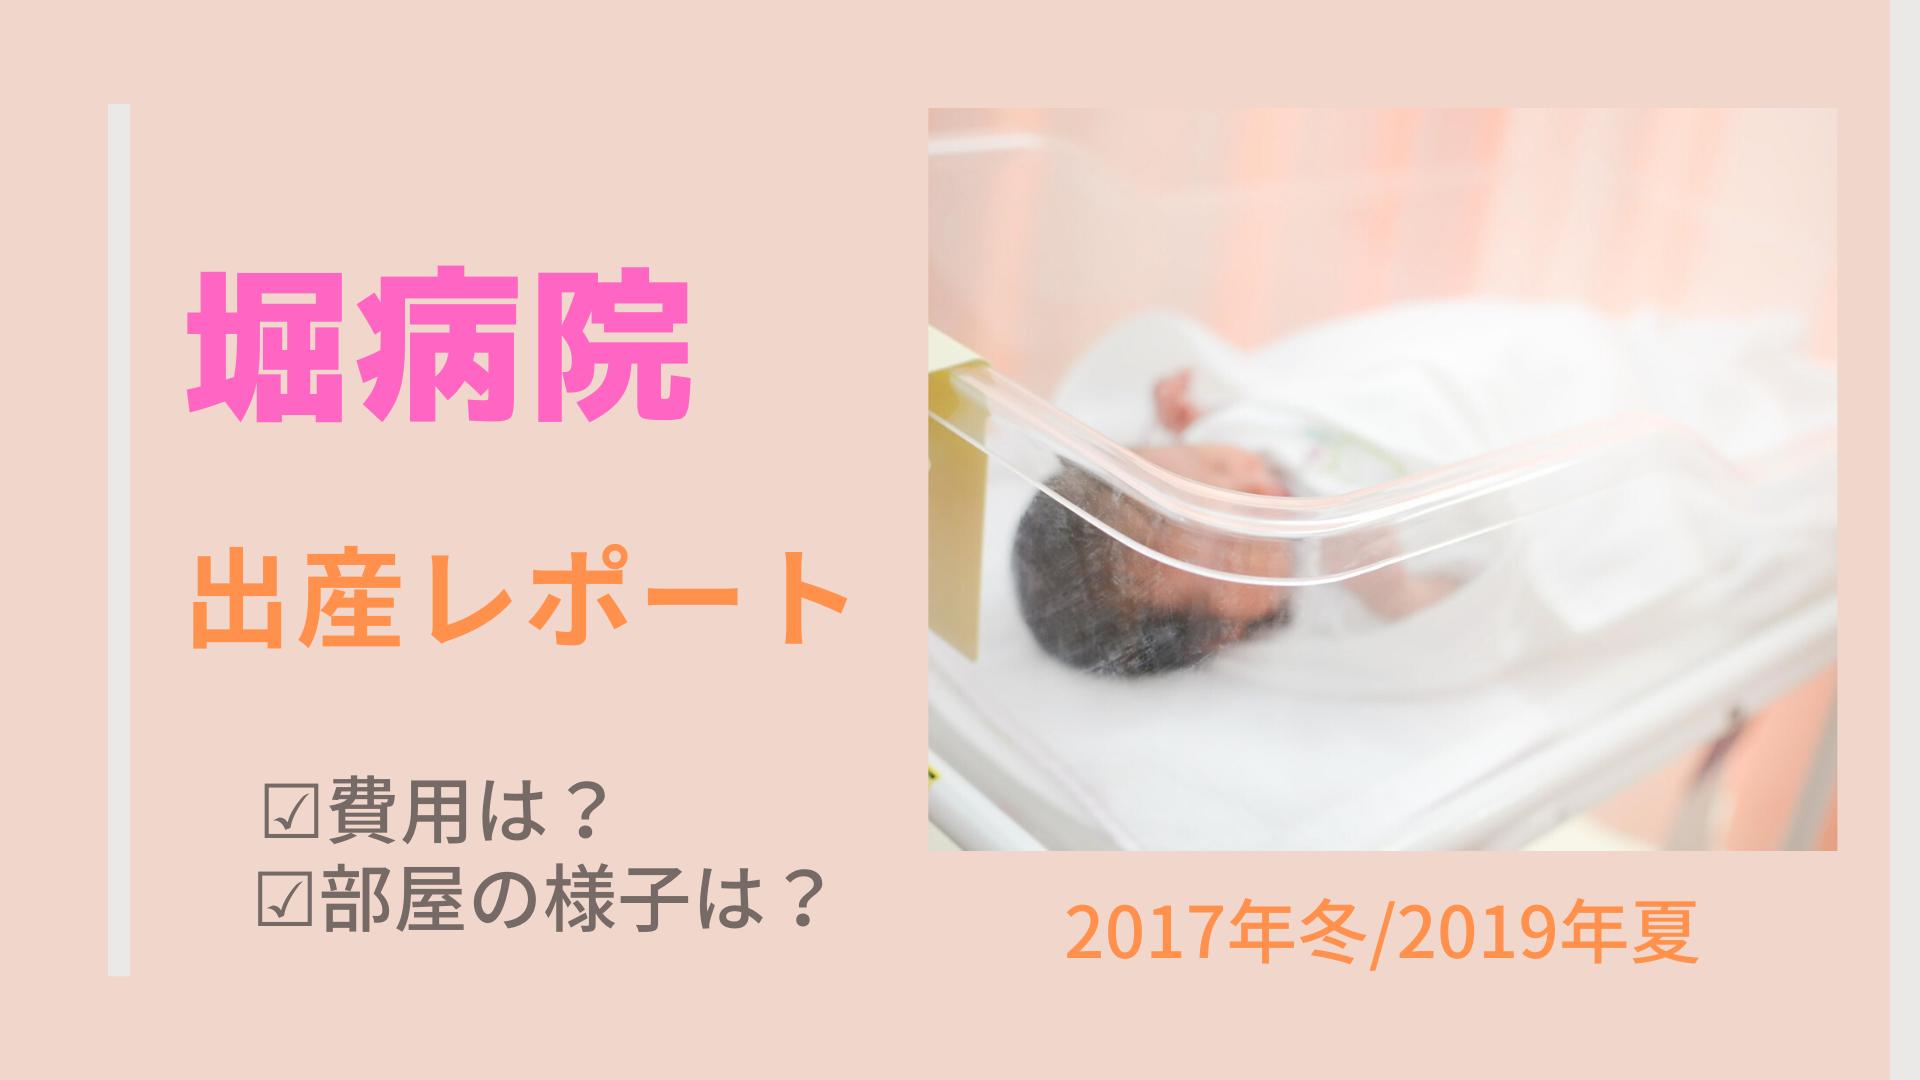 横浜市の堀病院のでの出産体験ブログです。